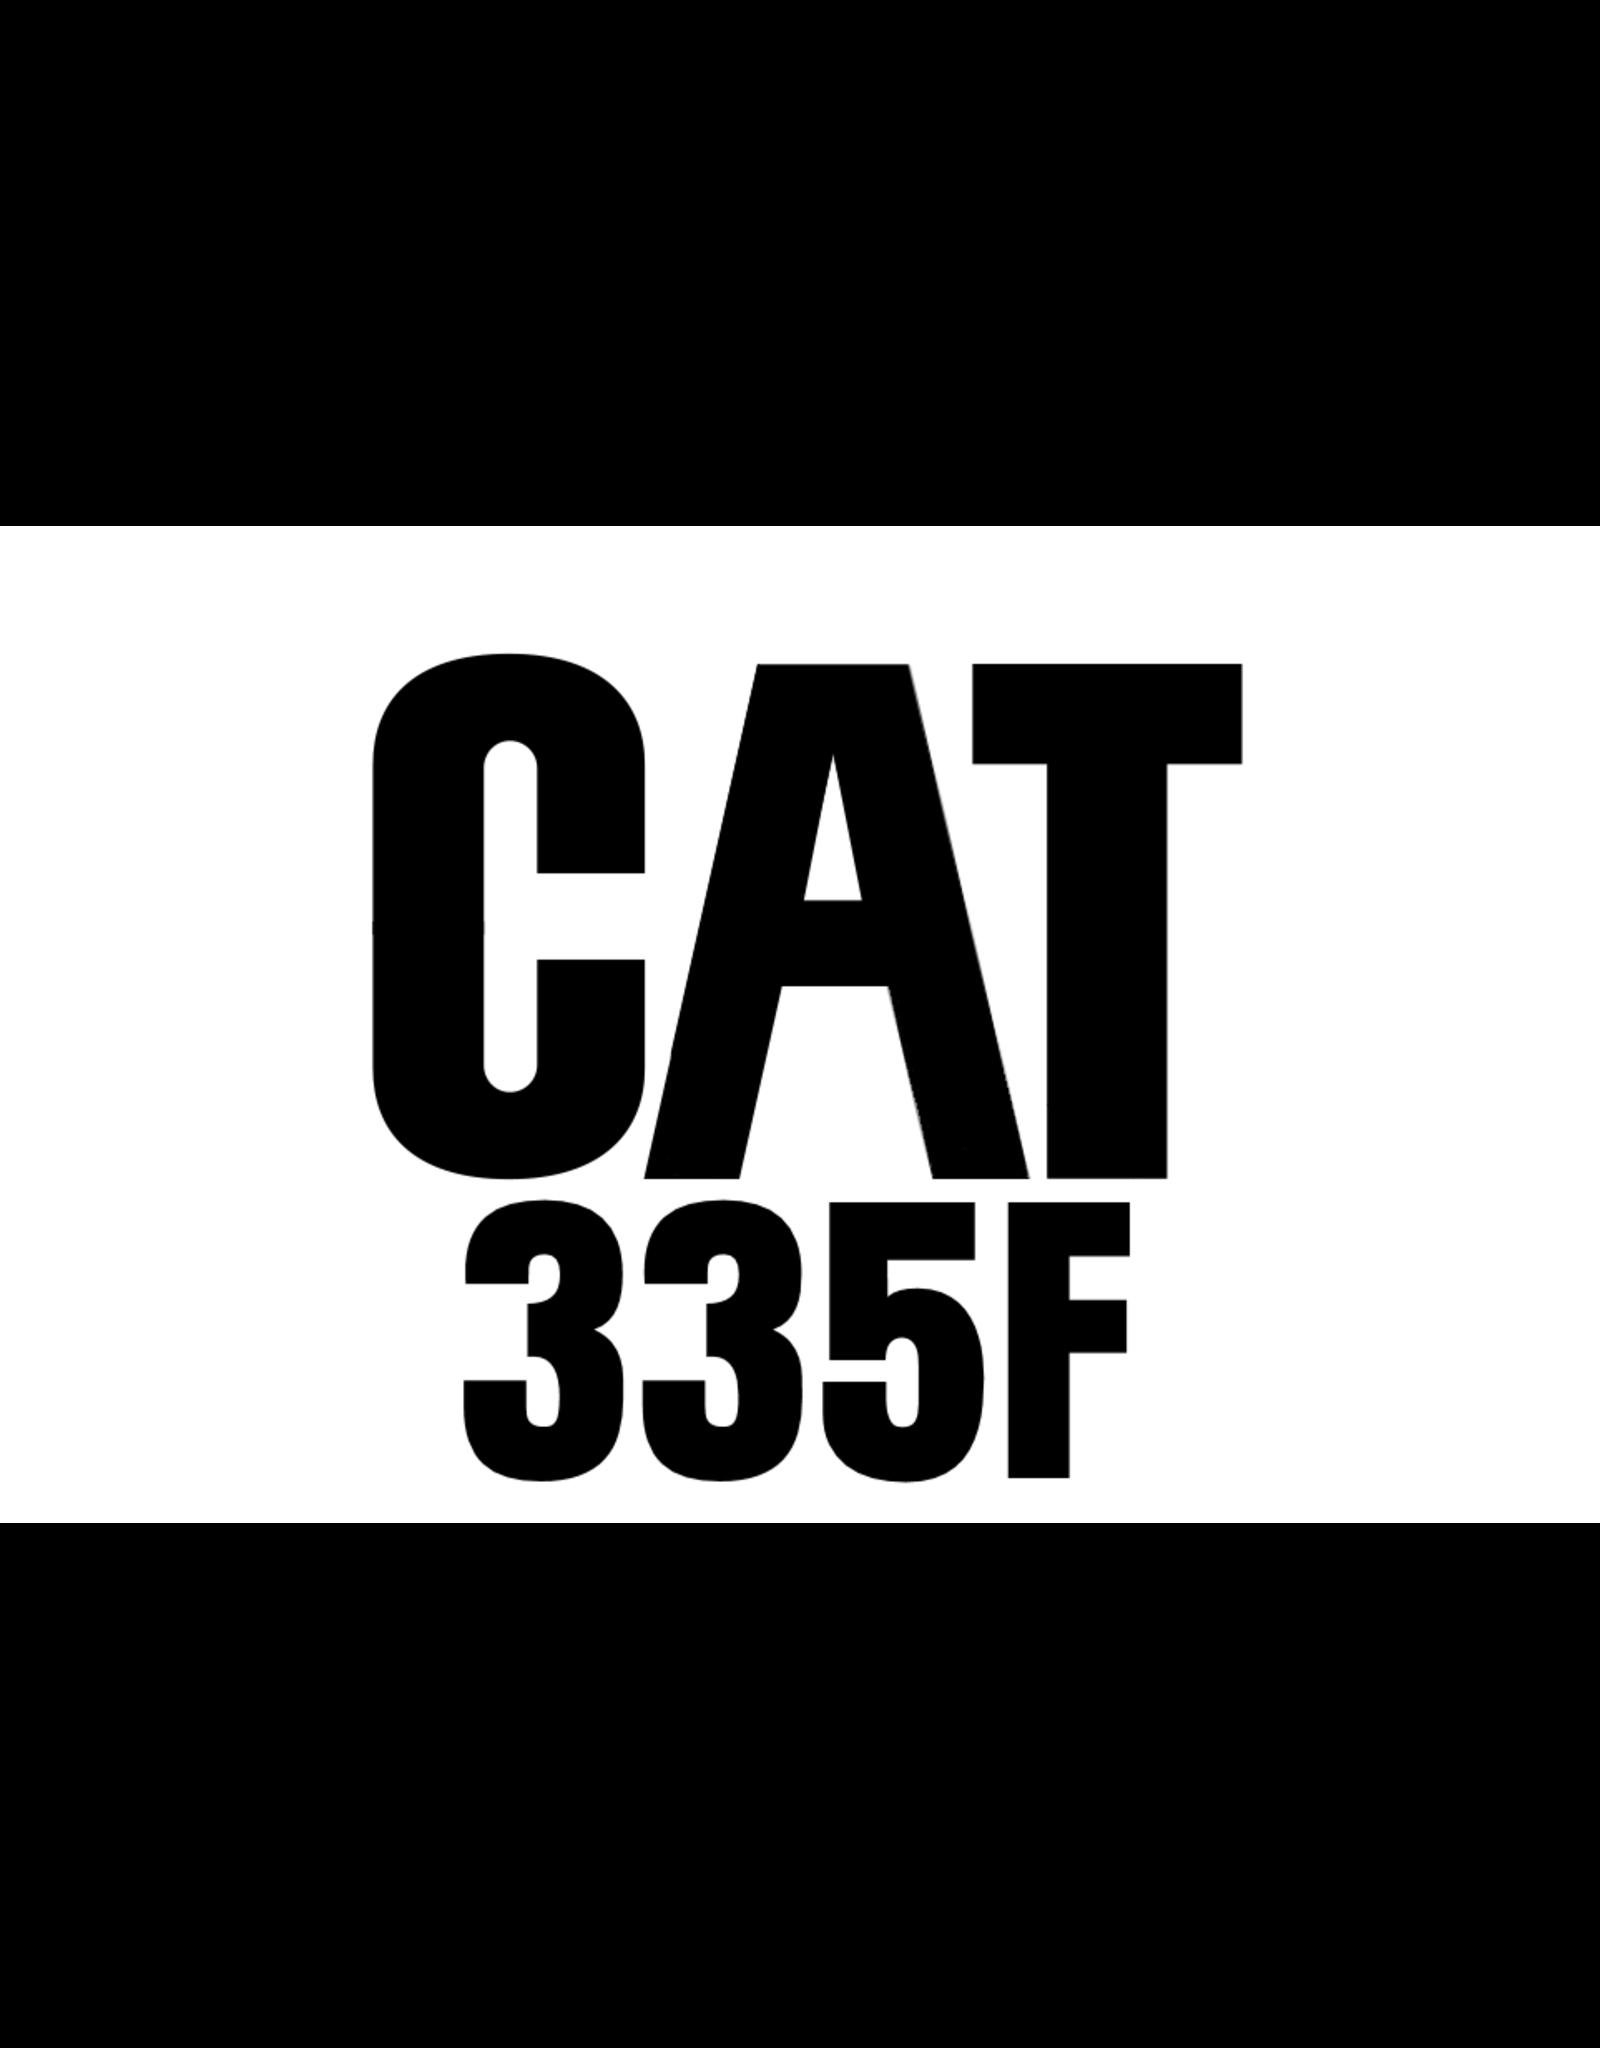 Echle Hartstahl GmbH FOPS pour CAT 335F